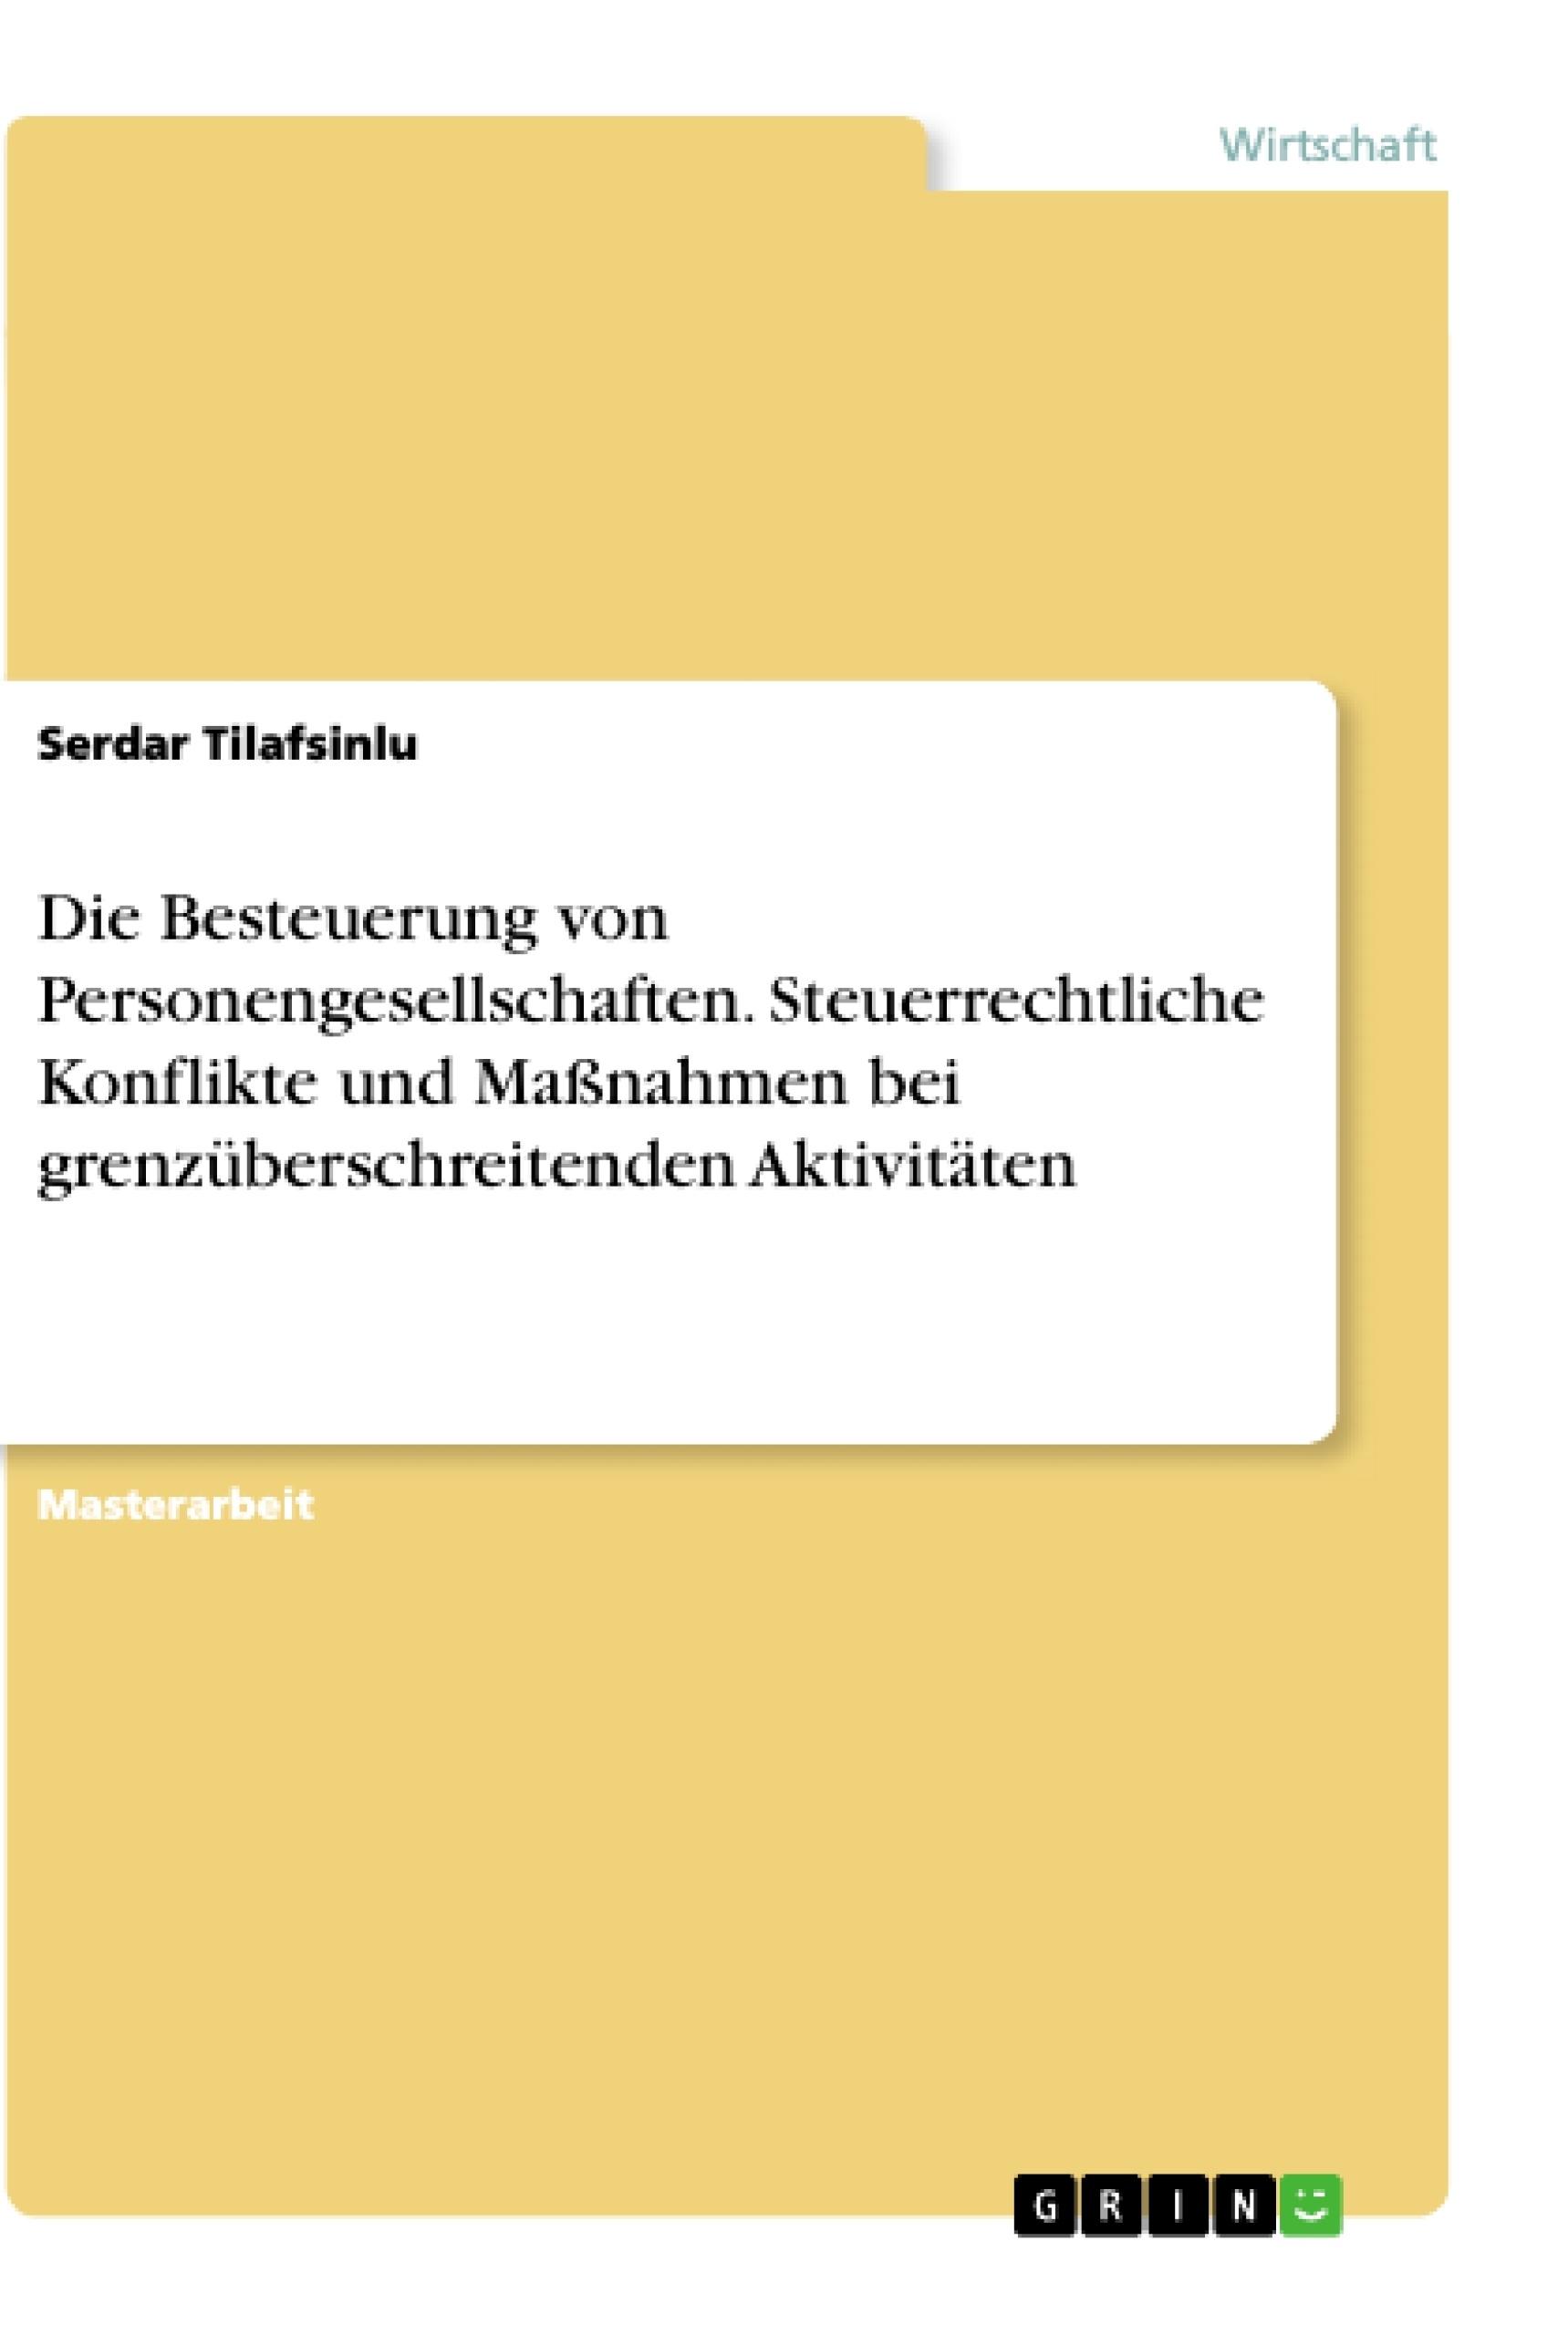 Titel: Die Besteuerung von Personengesellschaften. Steuerrechtliche Konflikte und Maßnahmen bei grenzüberschreitenden Aktivitäten